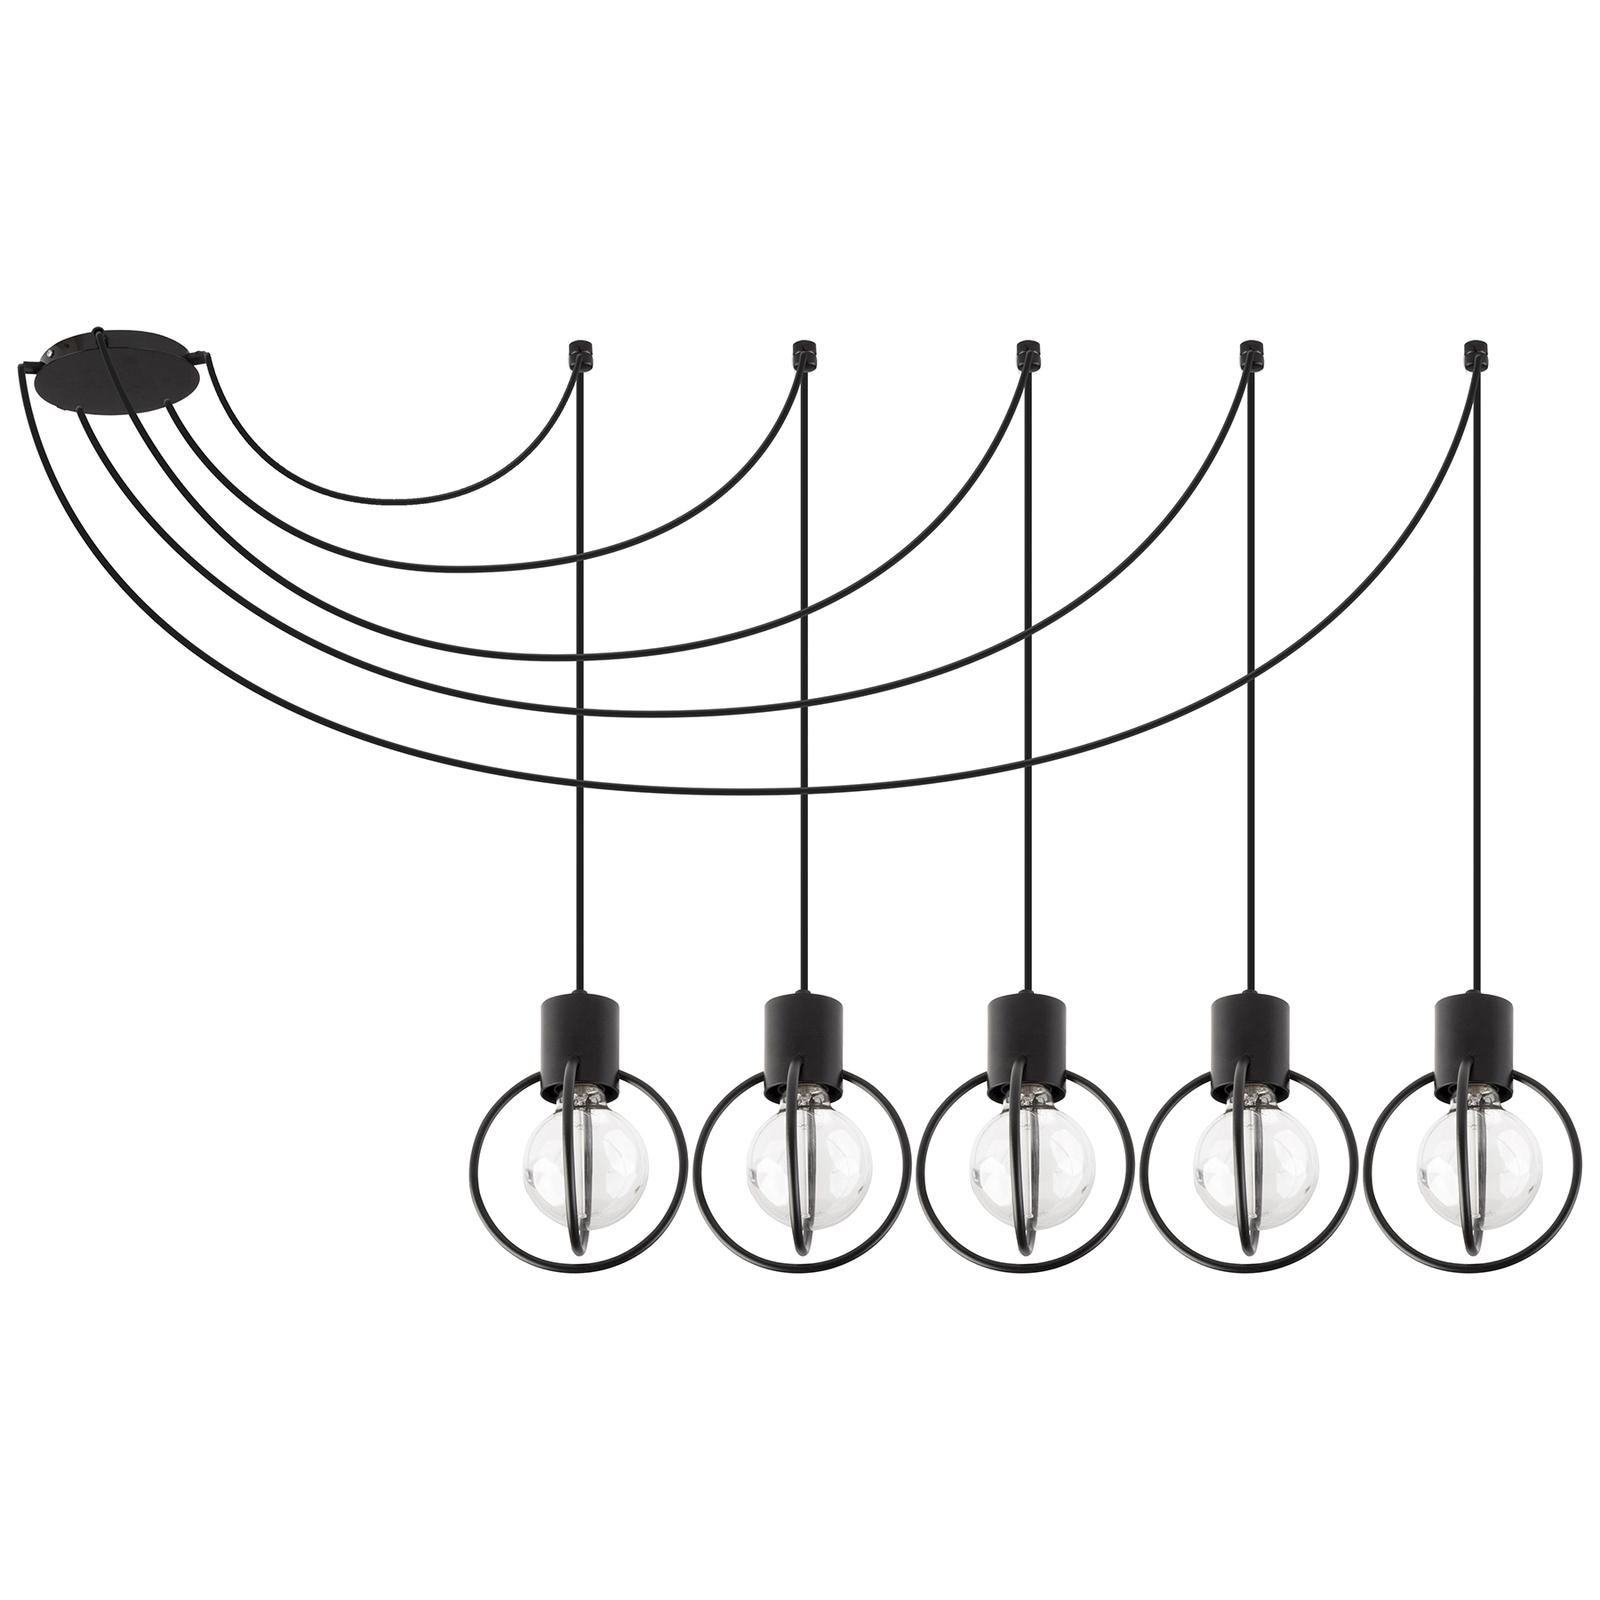 Riippuvalaisin Aura 5, viisilamppuinen, musta